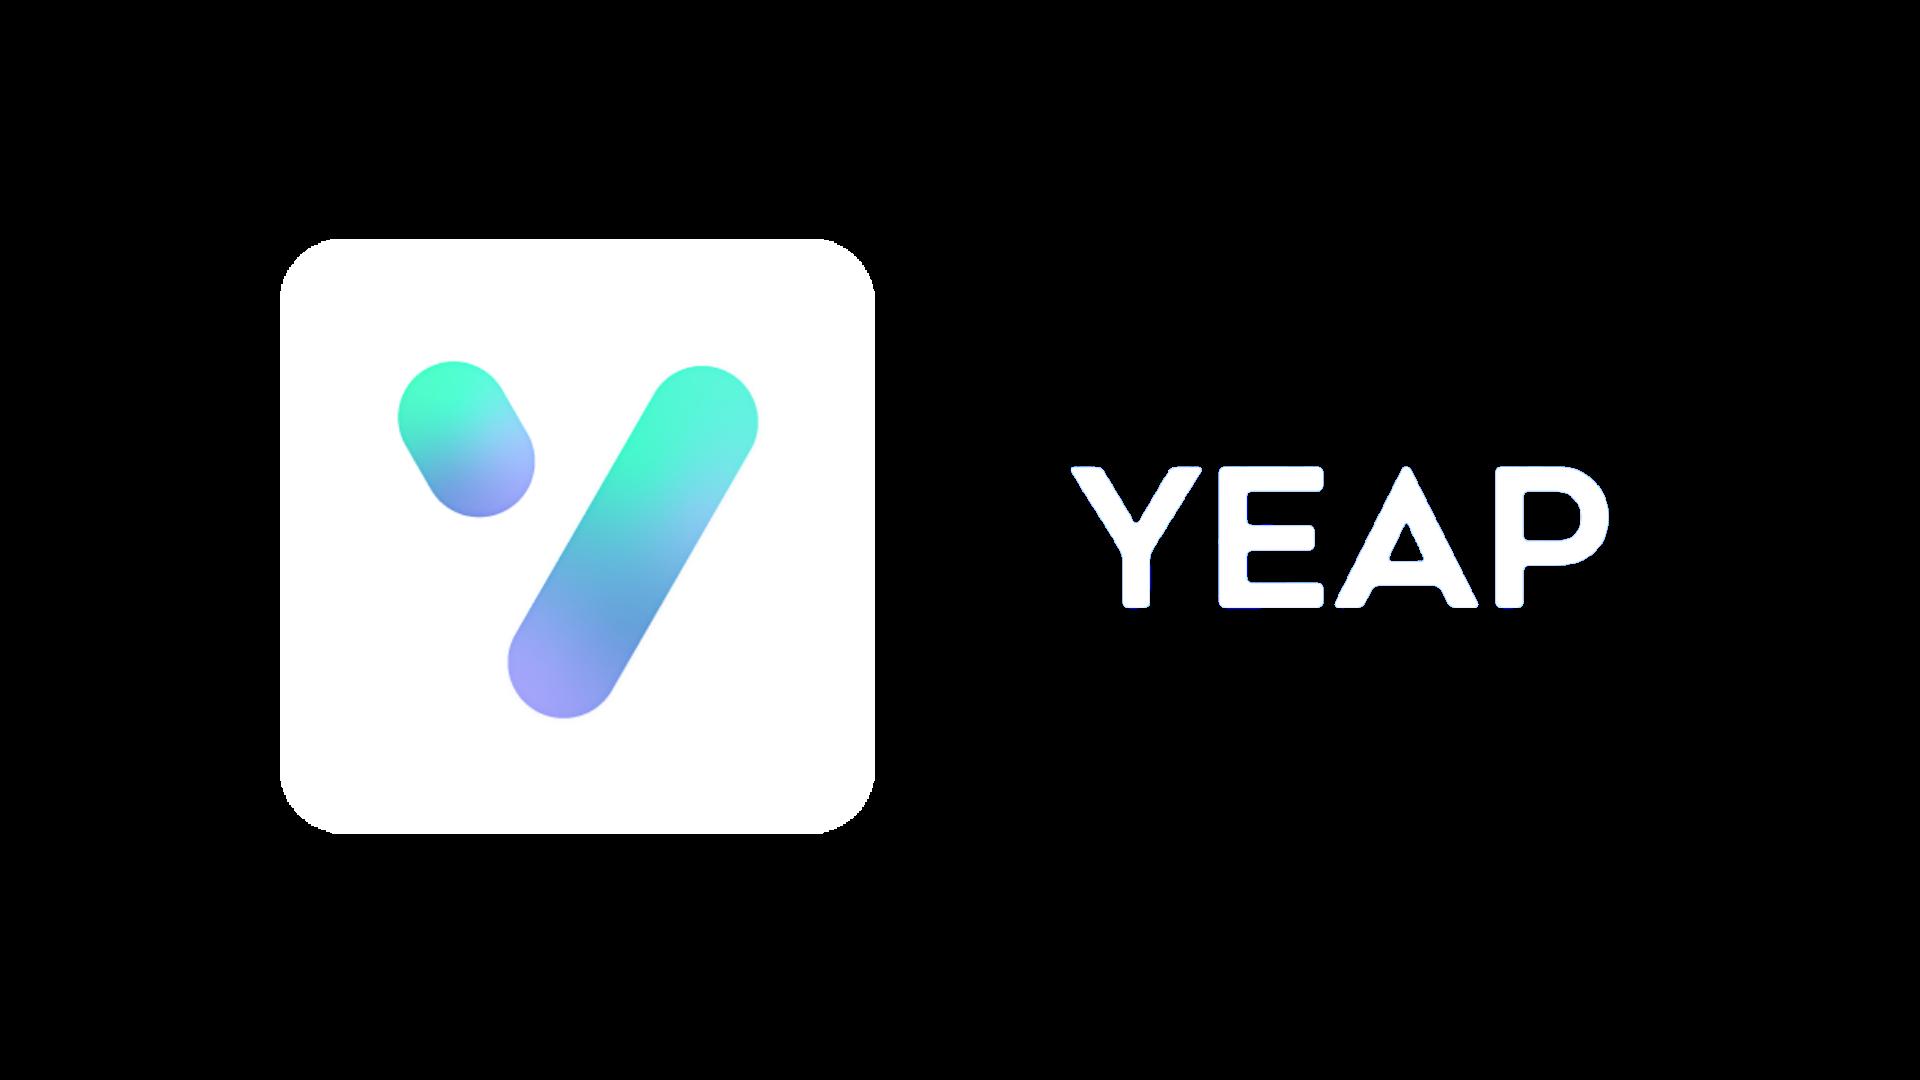 logo blacn yeap paye